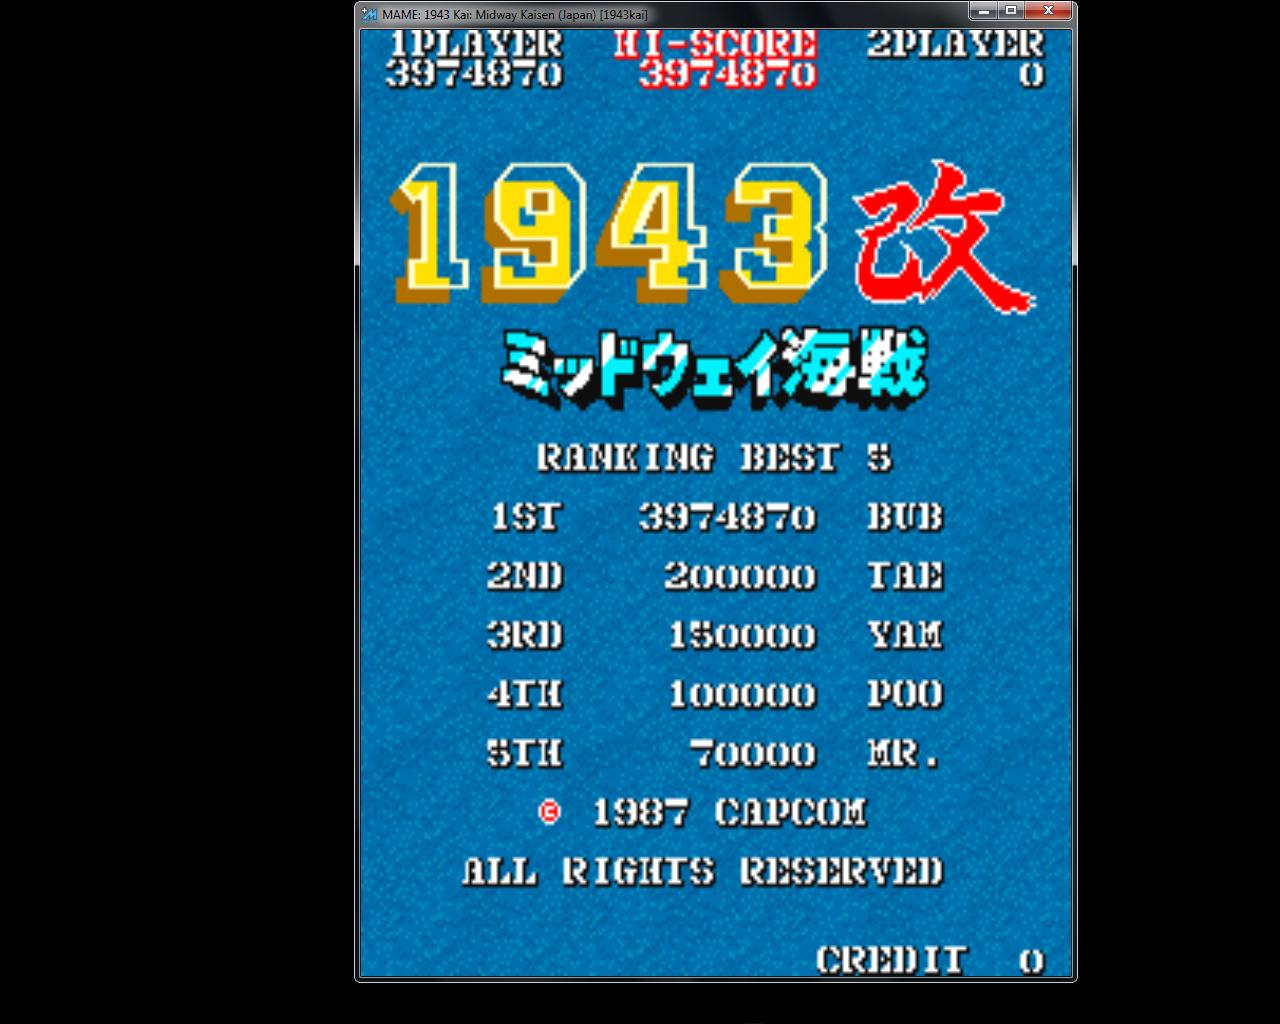 bubufubu: 1943 Kai: Midway Kaisen [Japan] [1943kai] (Arcade Emulated / M.A.M.E.) 3,974,870 points on 2015-08-03 22:44:56